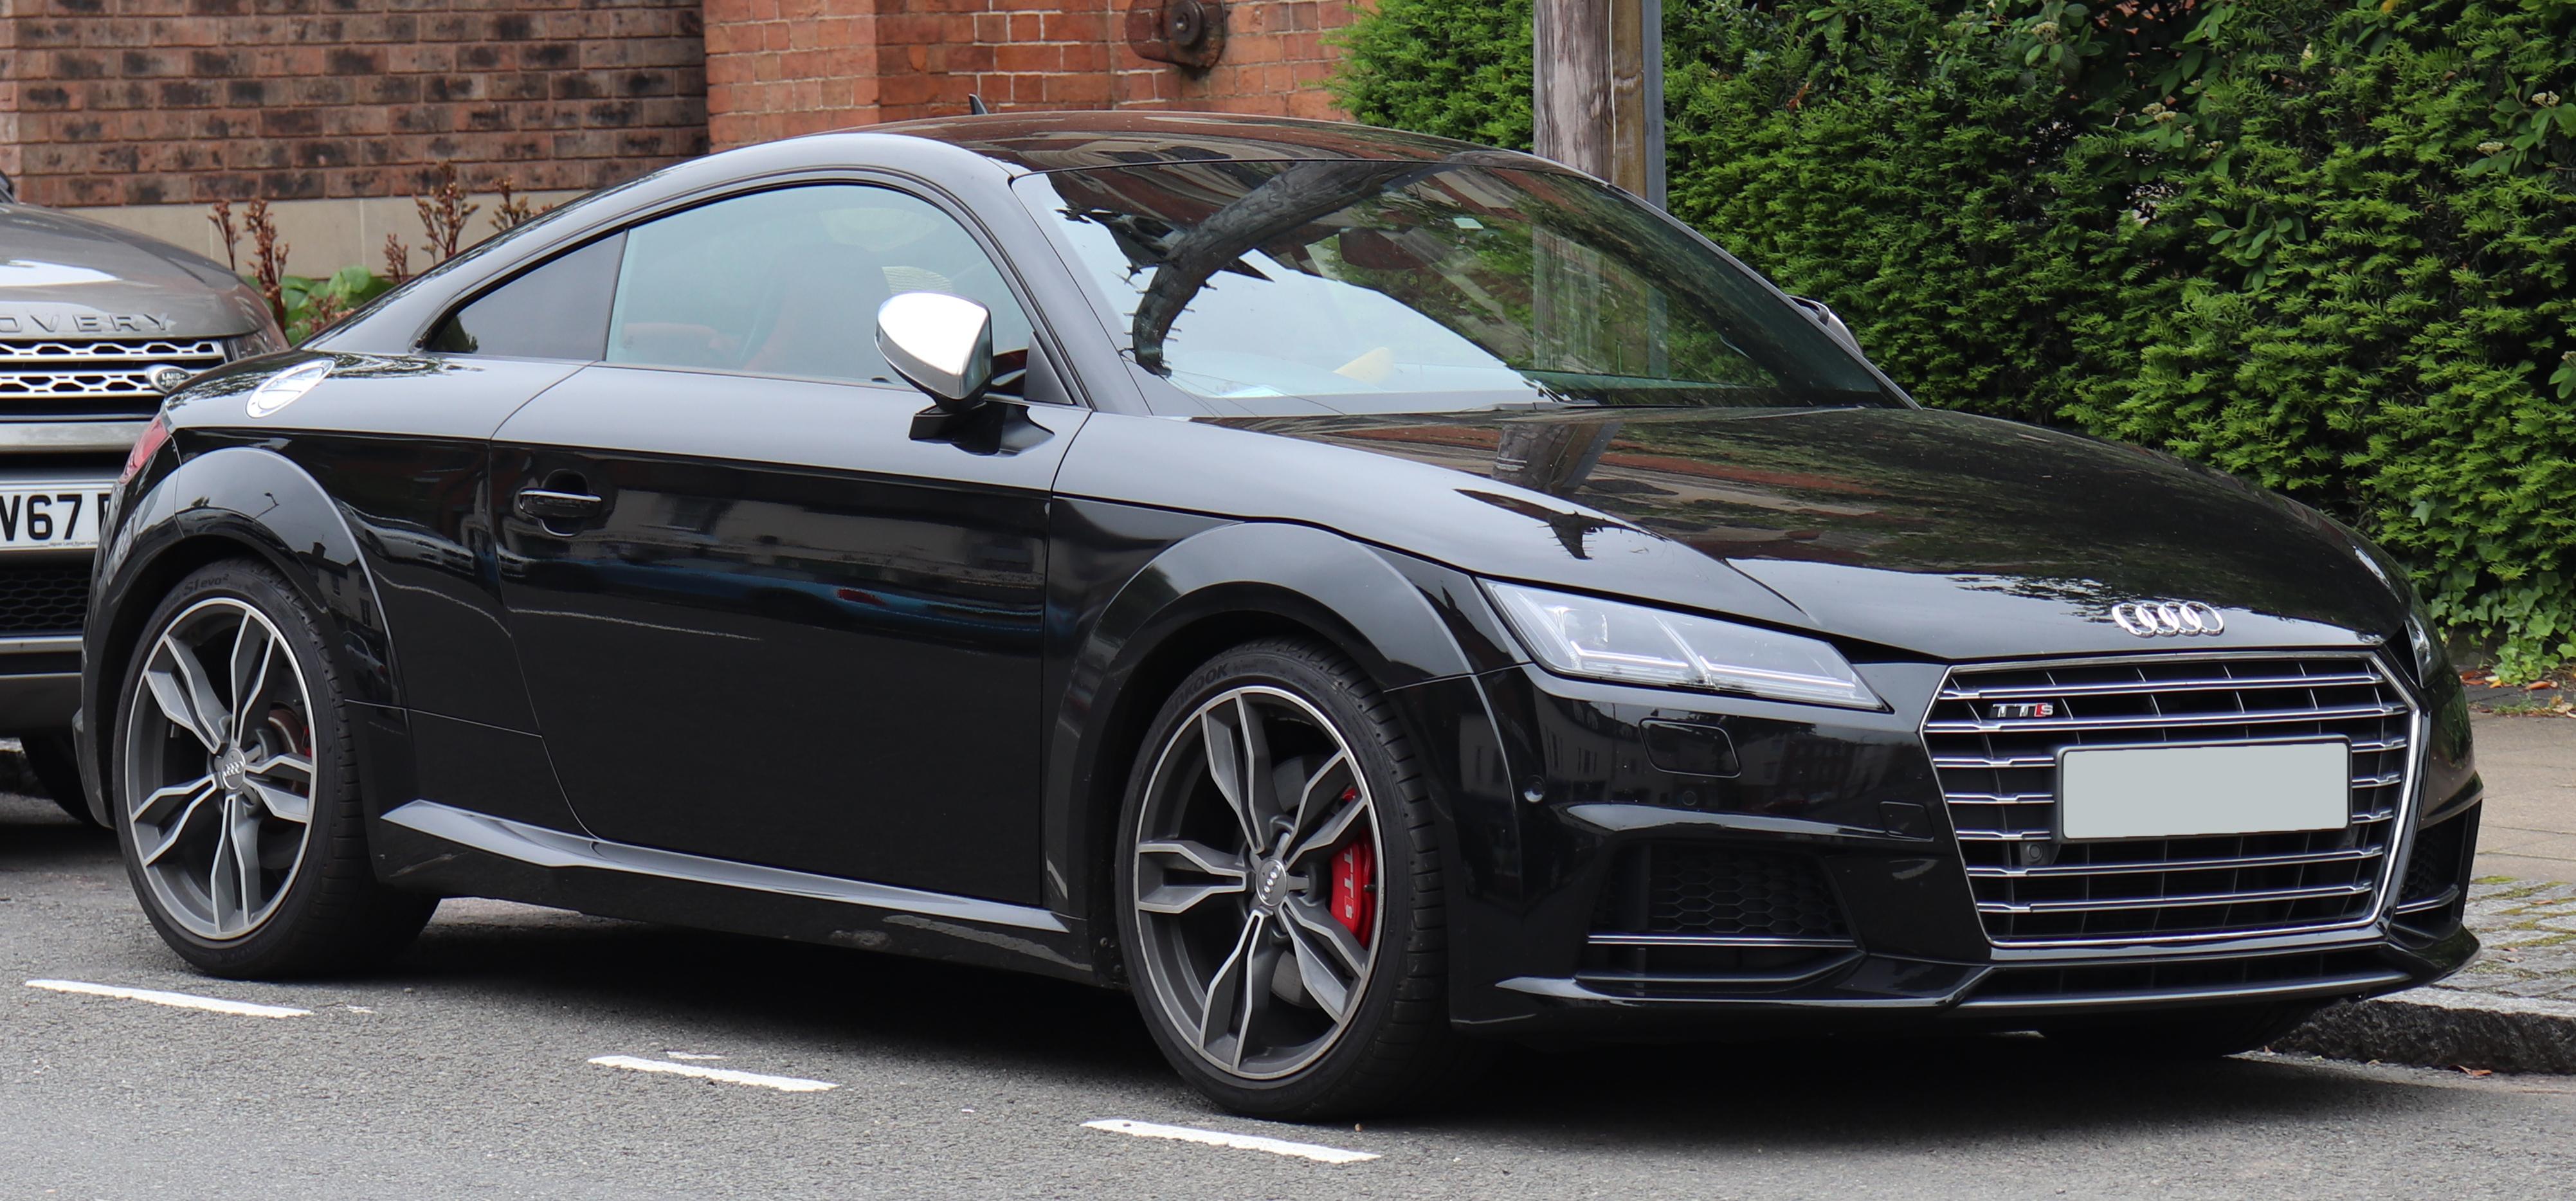 Kelebihan Kekurangan Audi Tt 2016 Review